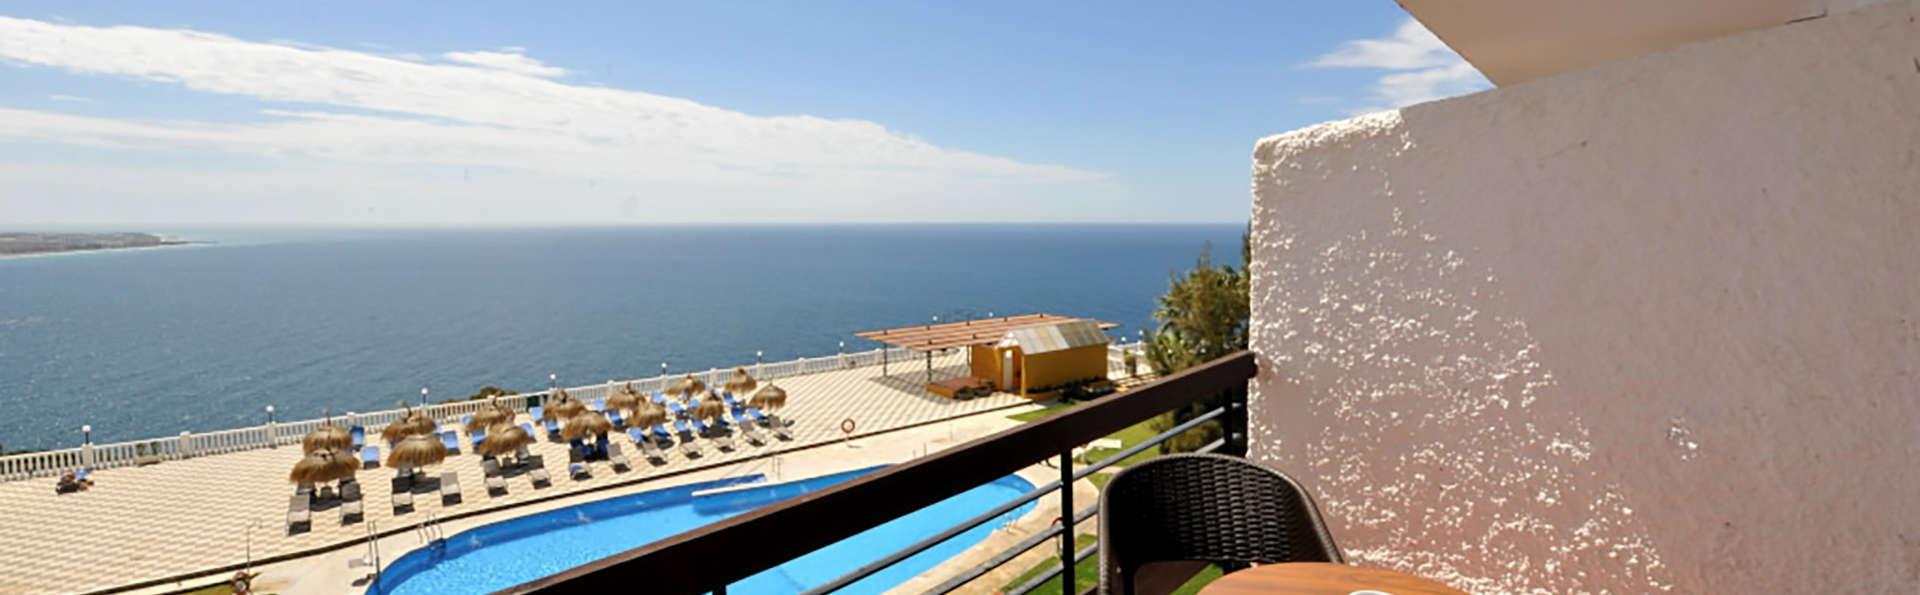 Découvrez la Costa Tropical : en chambre supérieure avec balcon et verre de cava à déguster